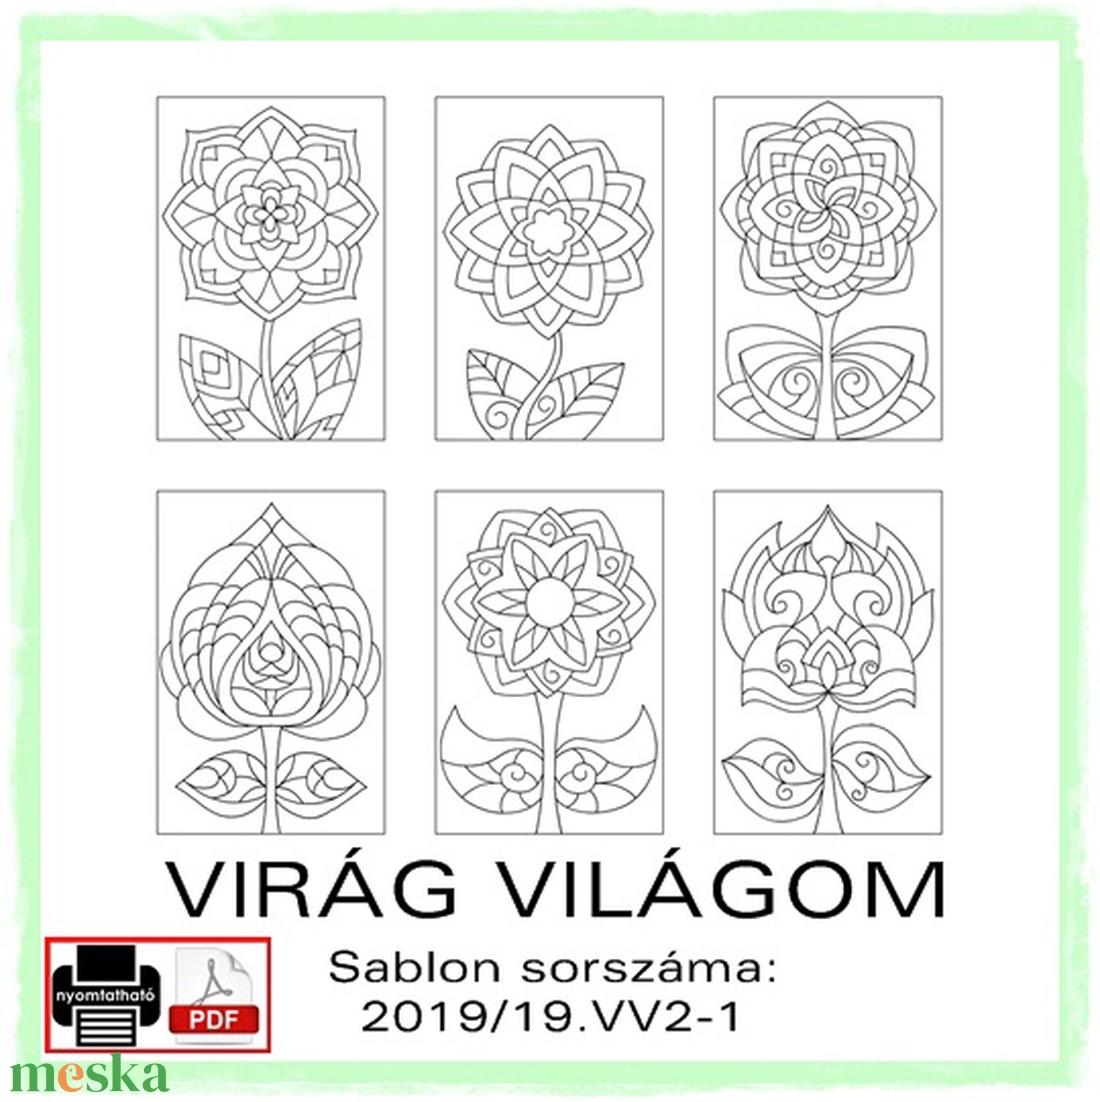 VIRÁG VILÁGOM 2019/19 - művészet - grafika & illusztráció - Meska.hu